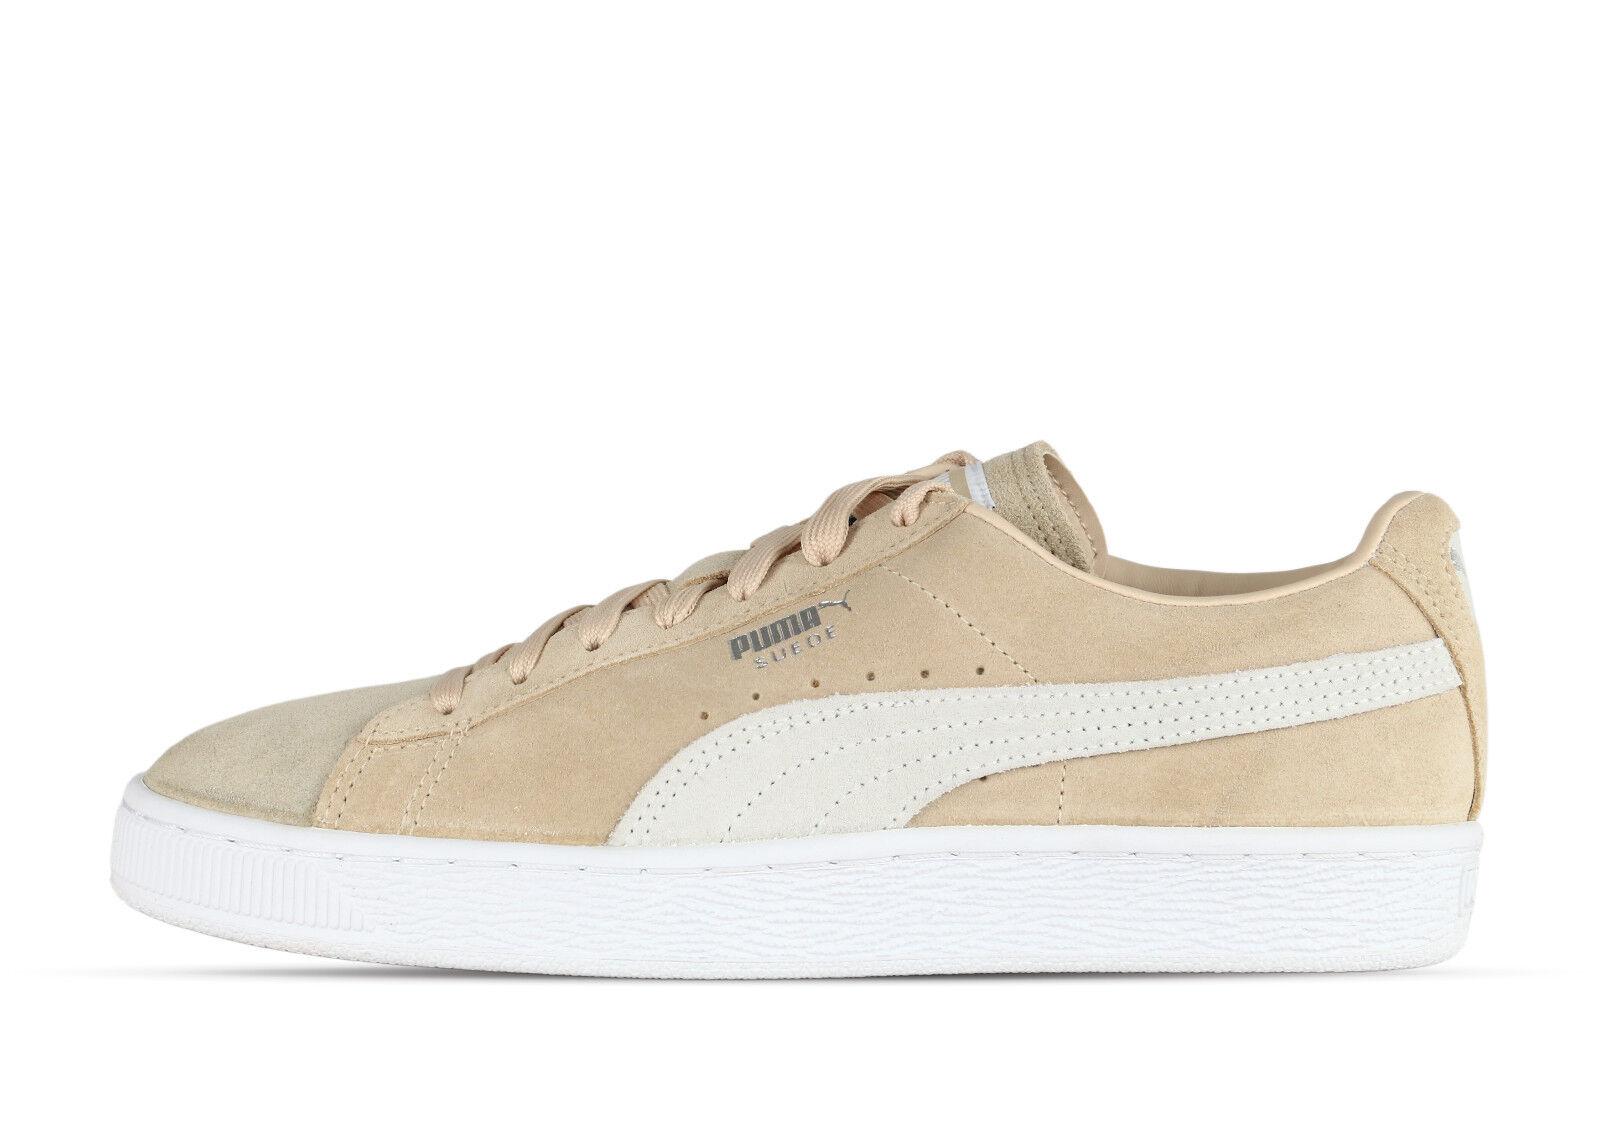 Puma Suede Classic+ NATURALE Sneaker vachetta 363242 08 - Sneaker NATURALE - DONNE - BEIGE + 0d95d2